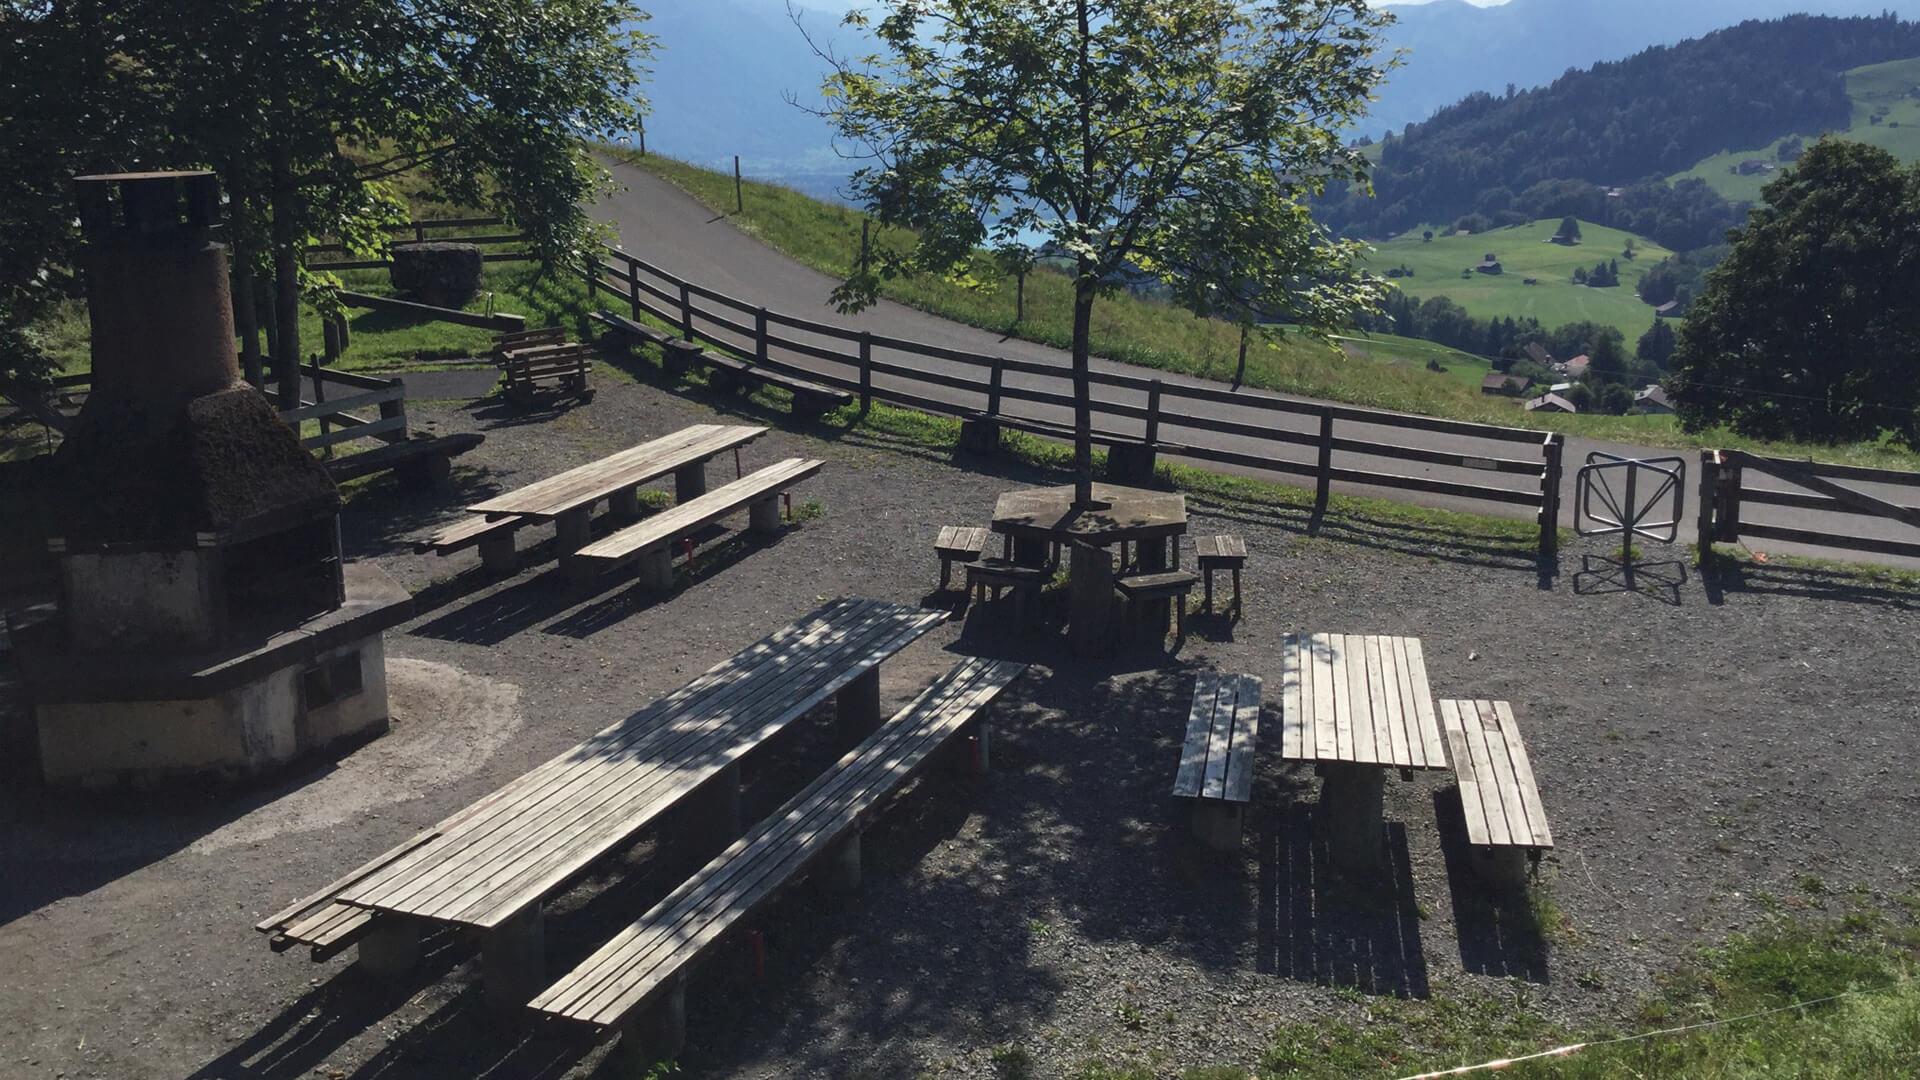 schwanden-grillplatz-stampf-ansicht-sommer